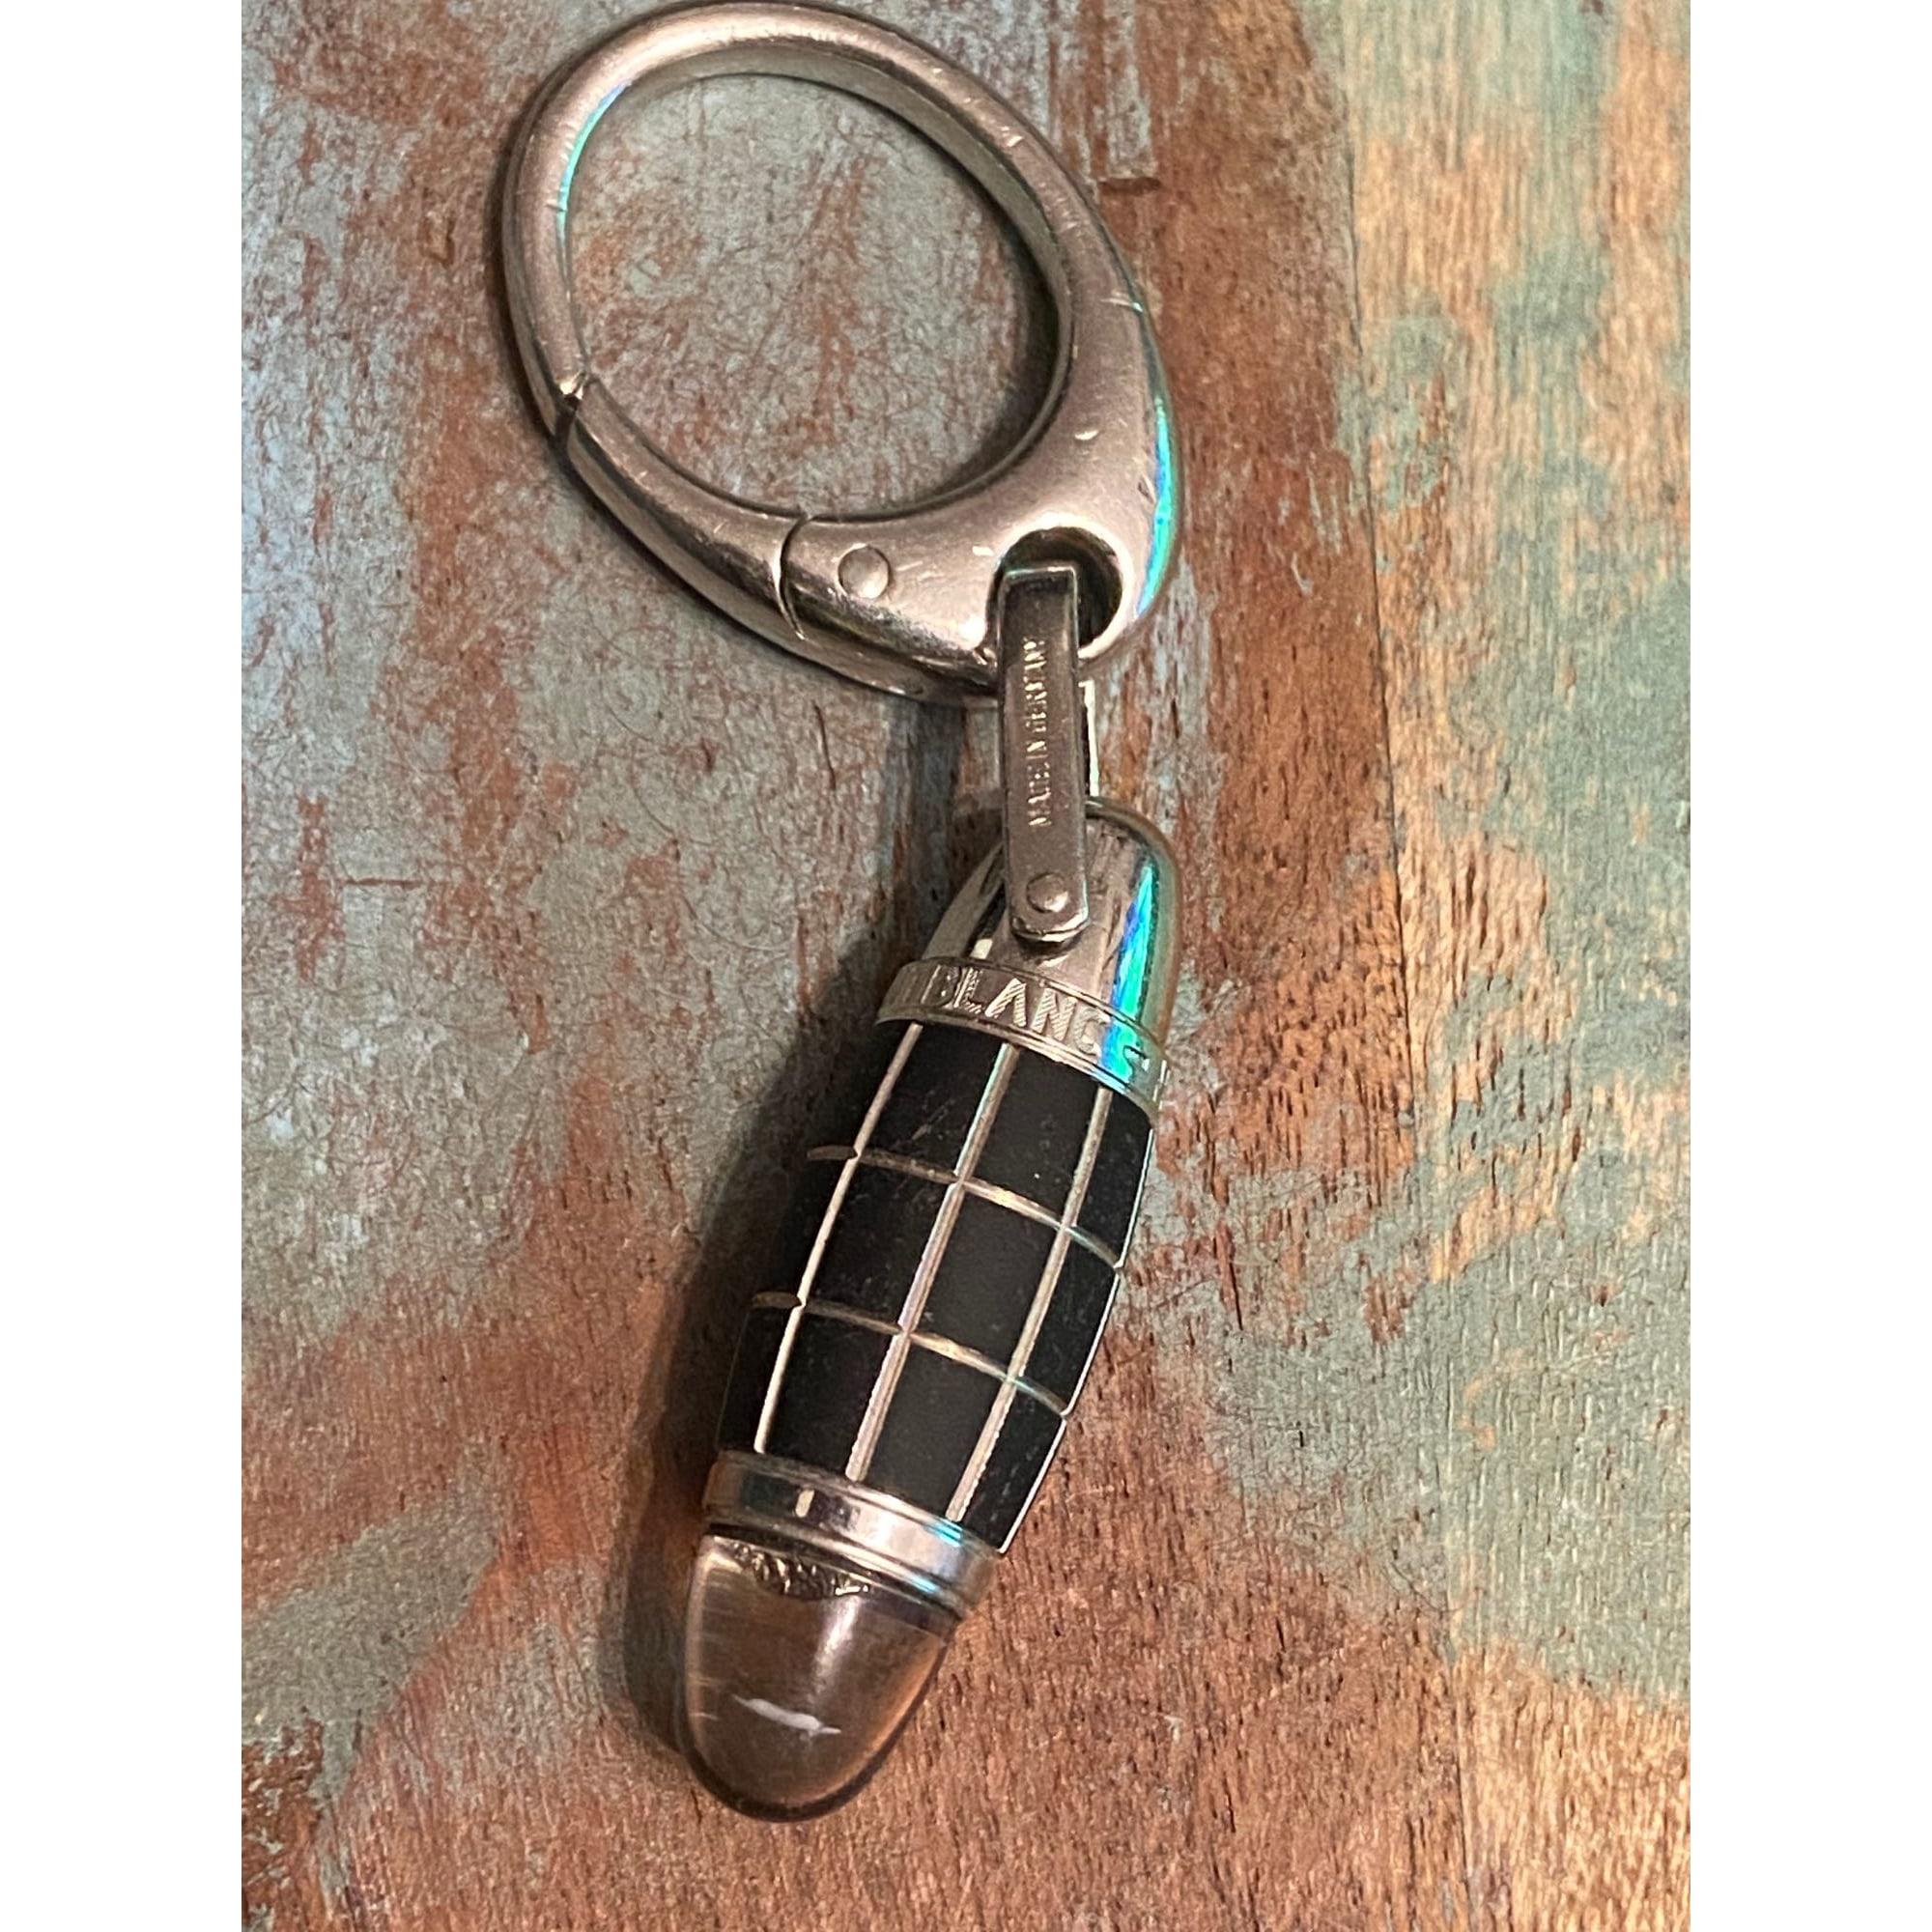 Schlüsseletui MONTBLANC Silberfarben, stahlfarben